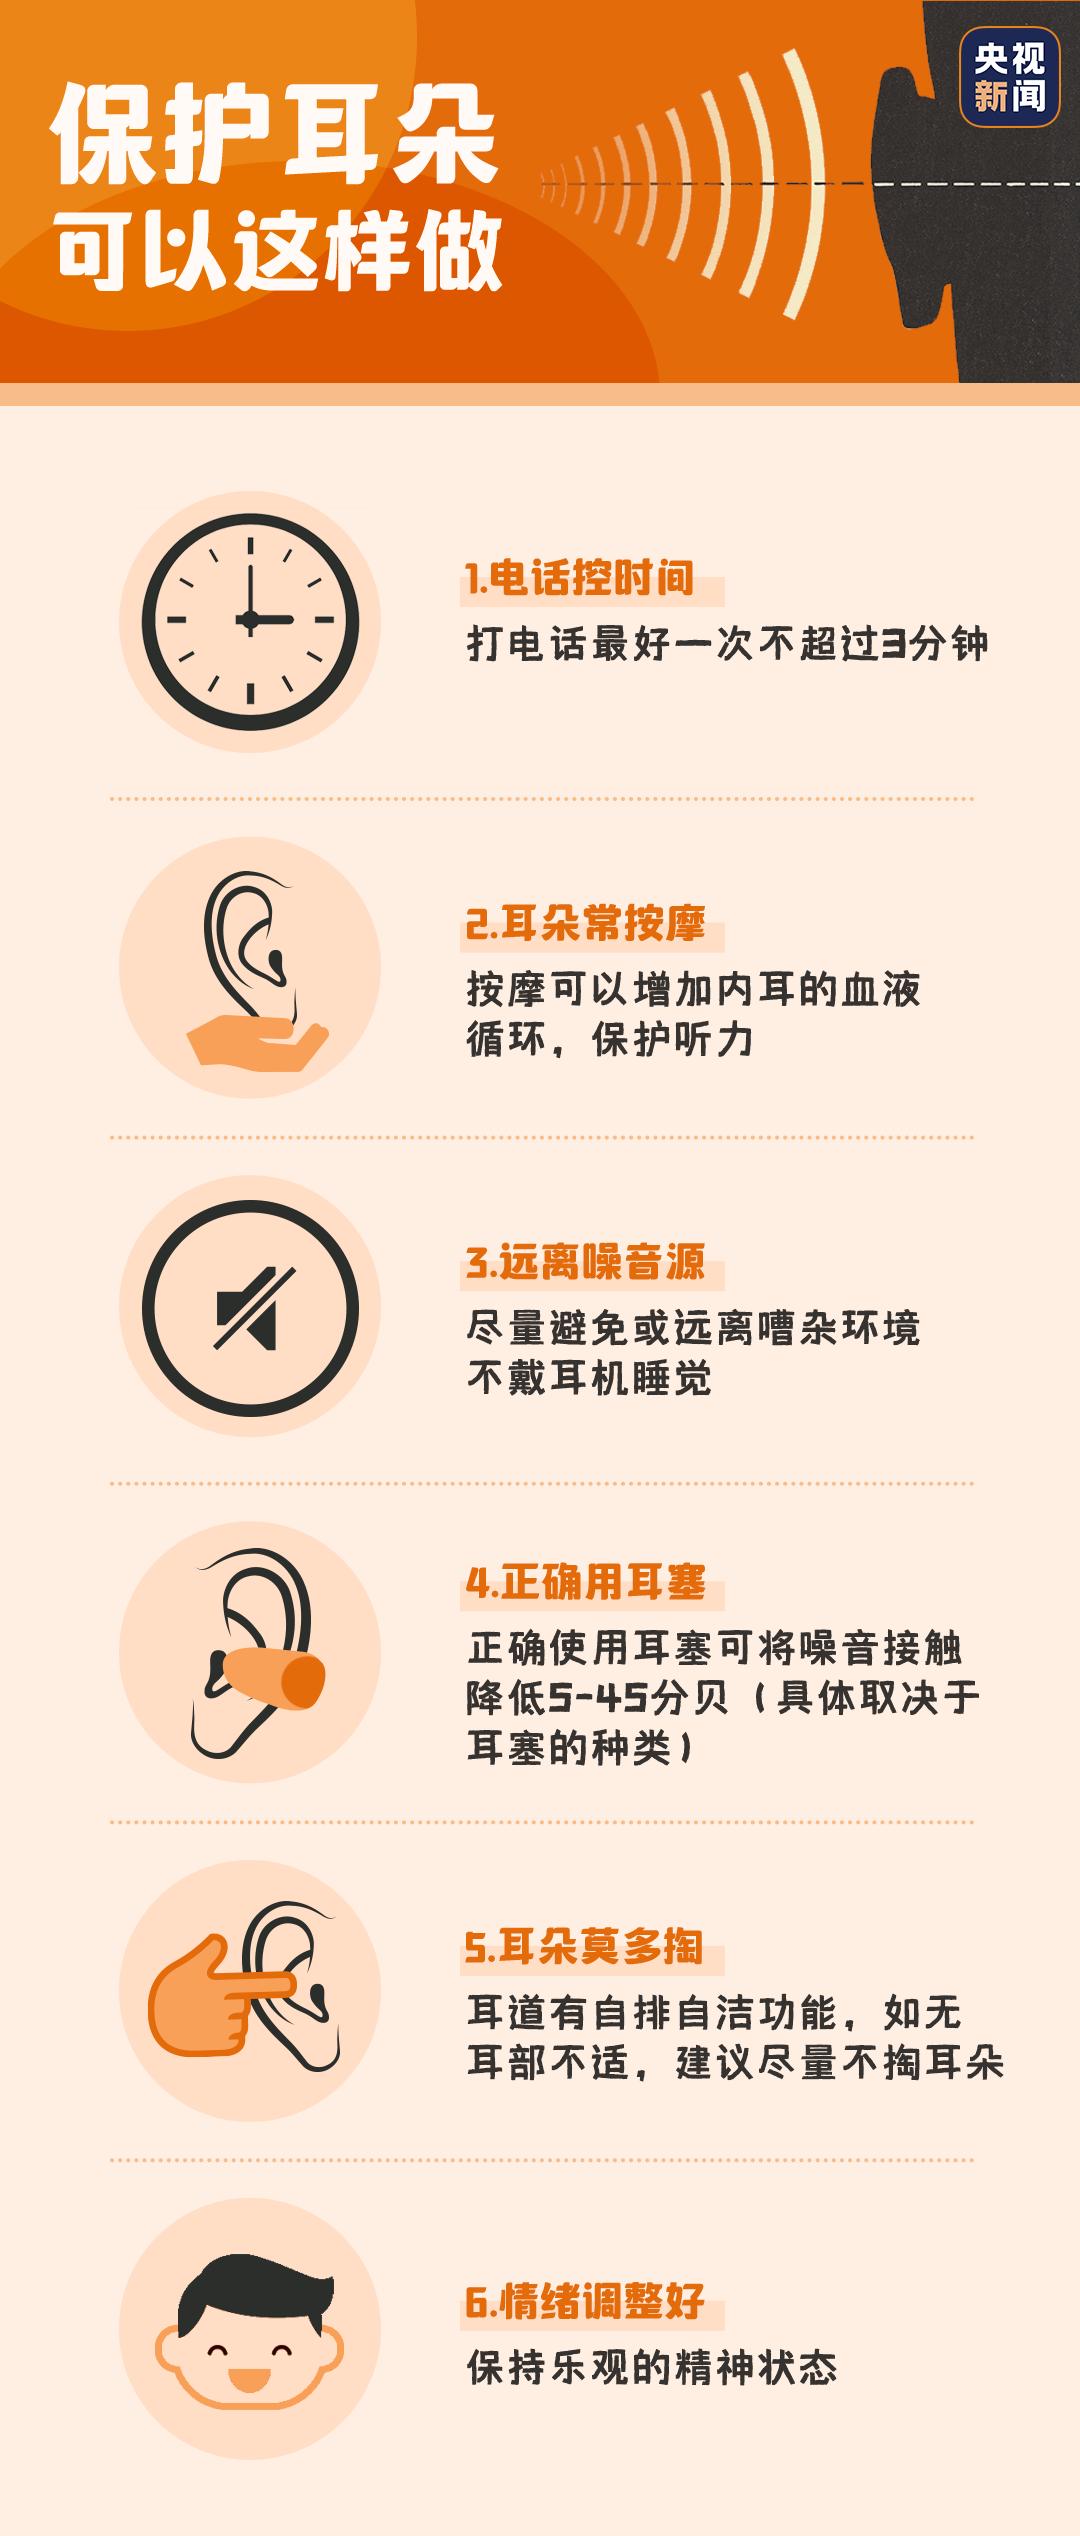 全国爱耳日:全球1/5的人听力受损!保护耳朵,可以这样做